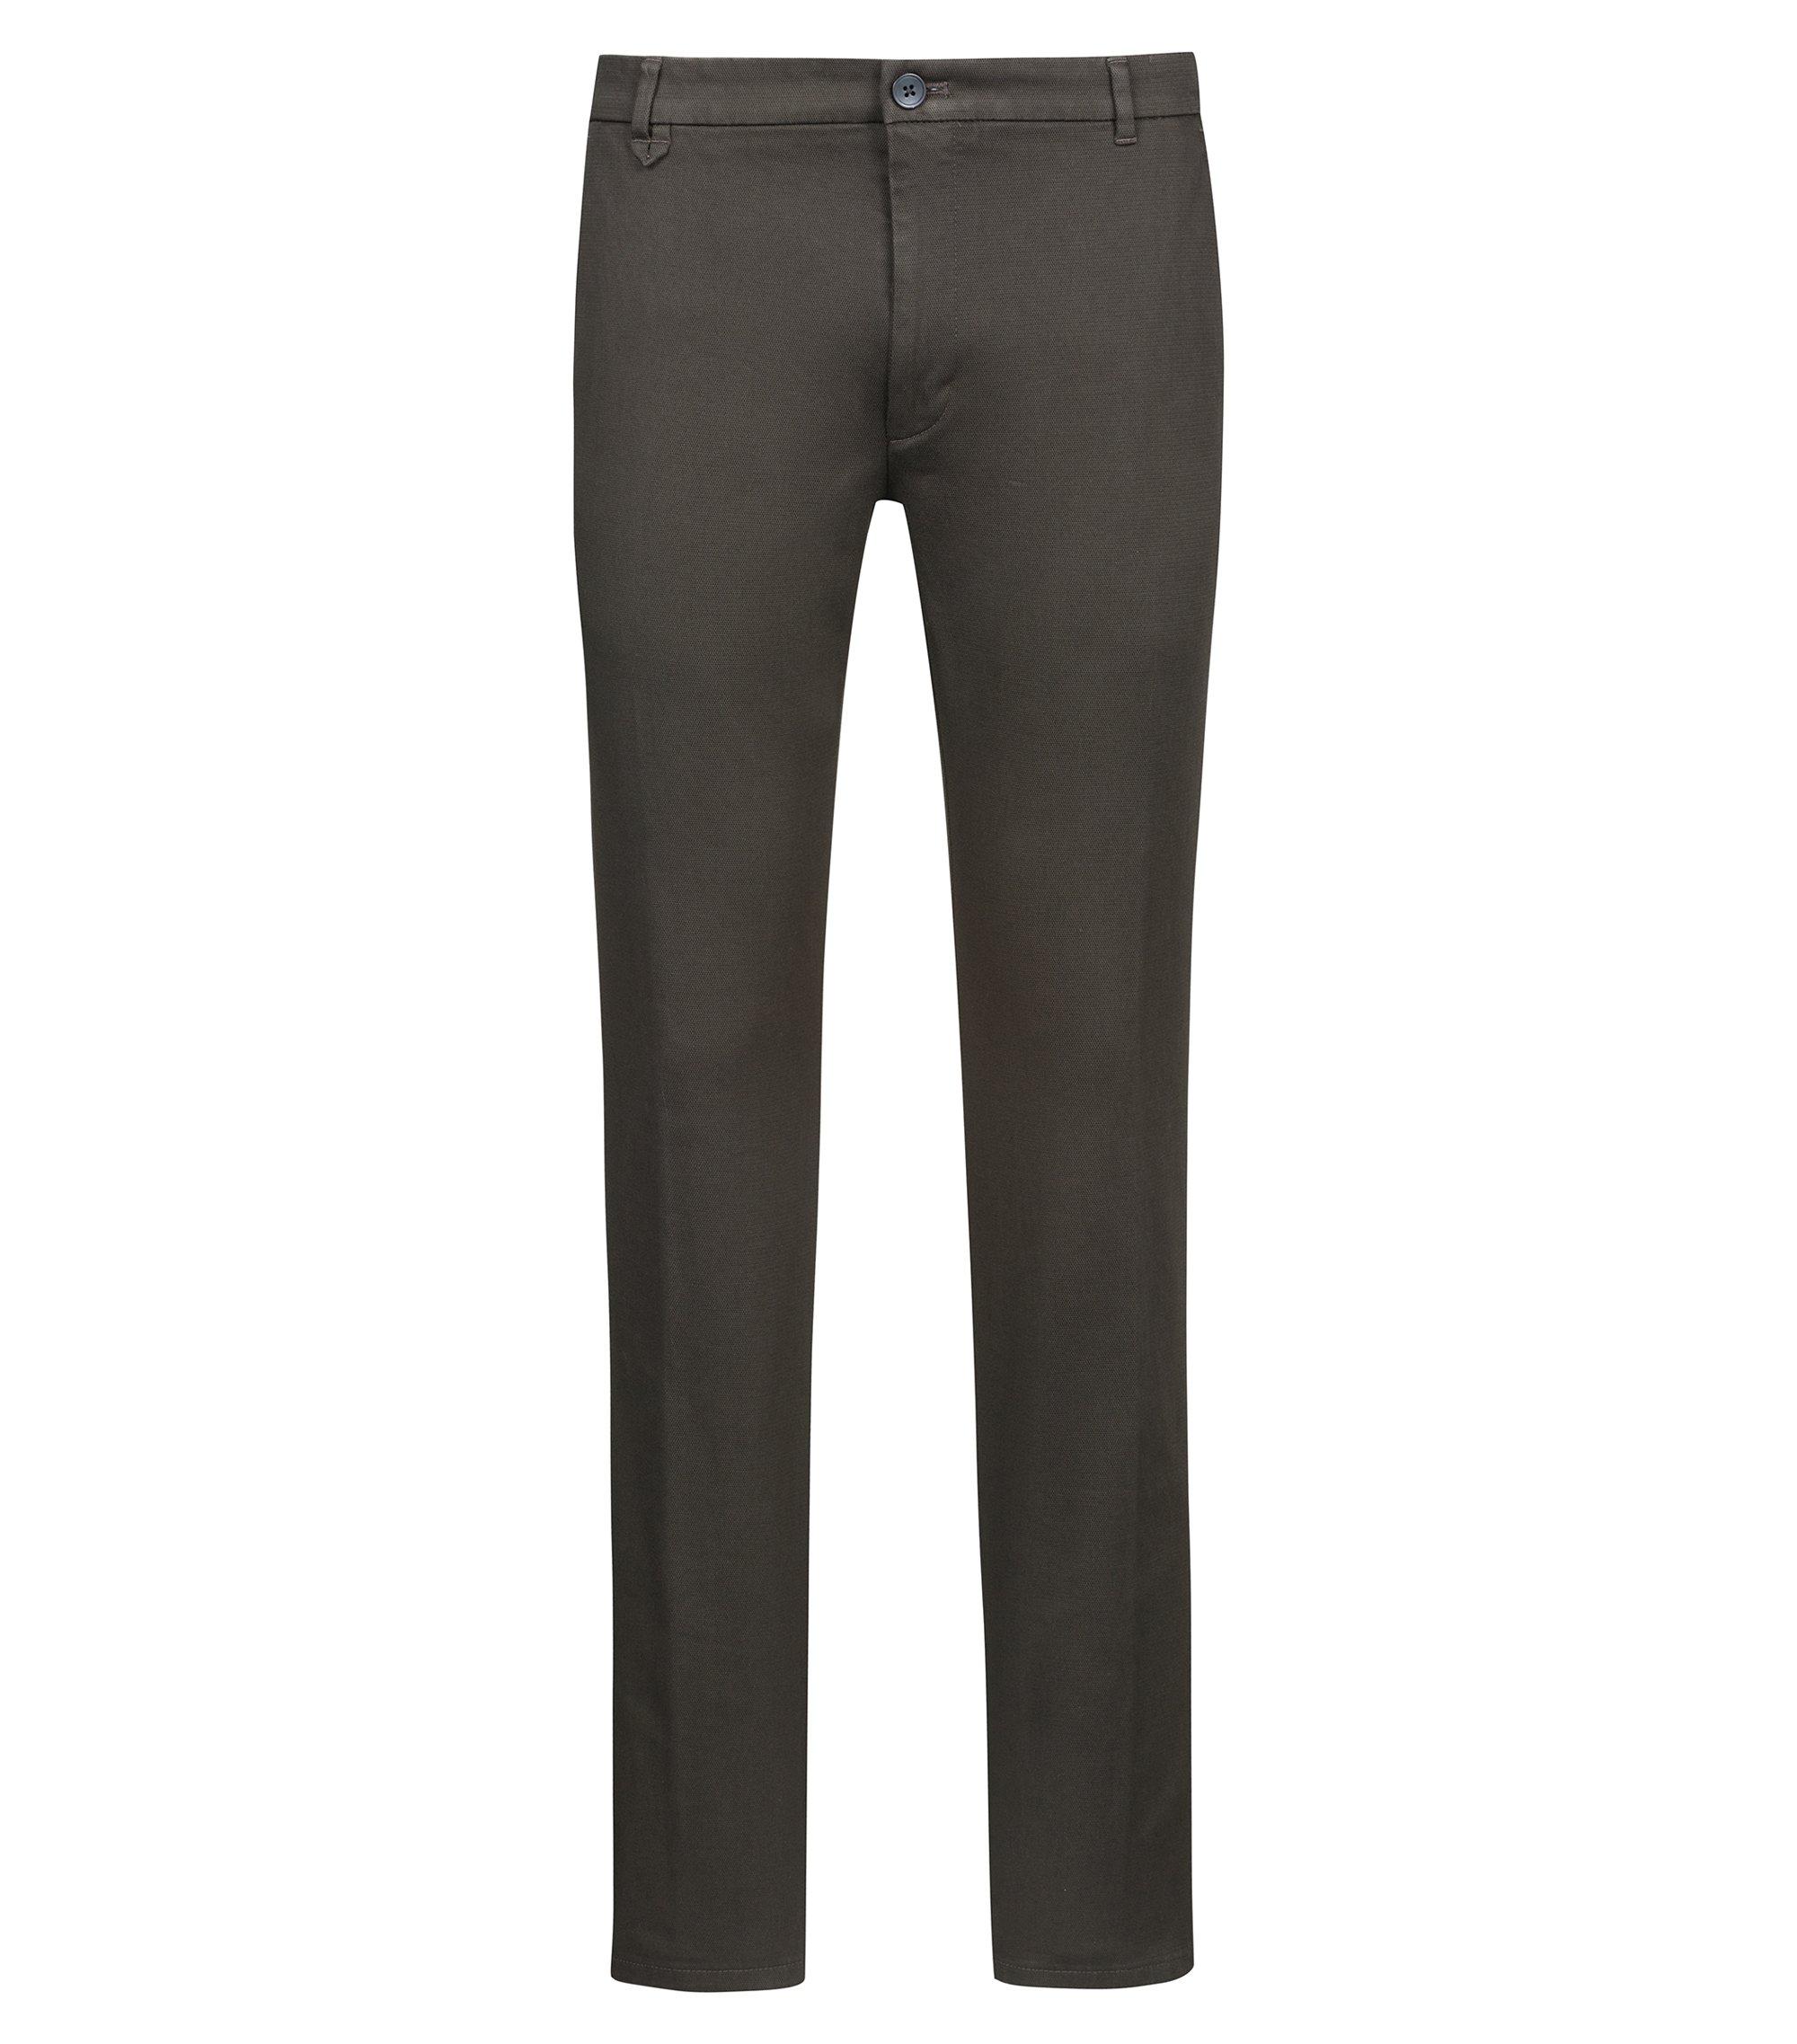 Pantalon Extra Slim Fit en coton stretch micro-structuré, Vert sombre